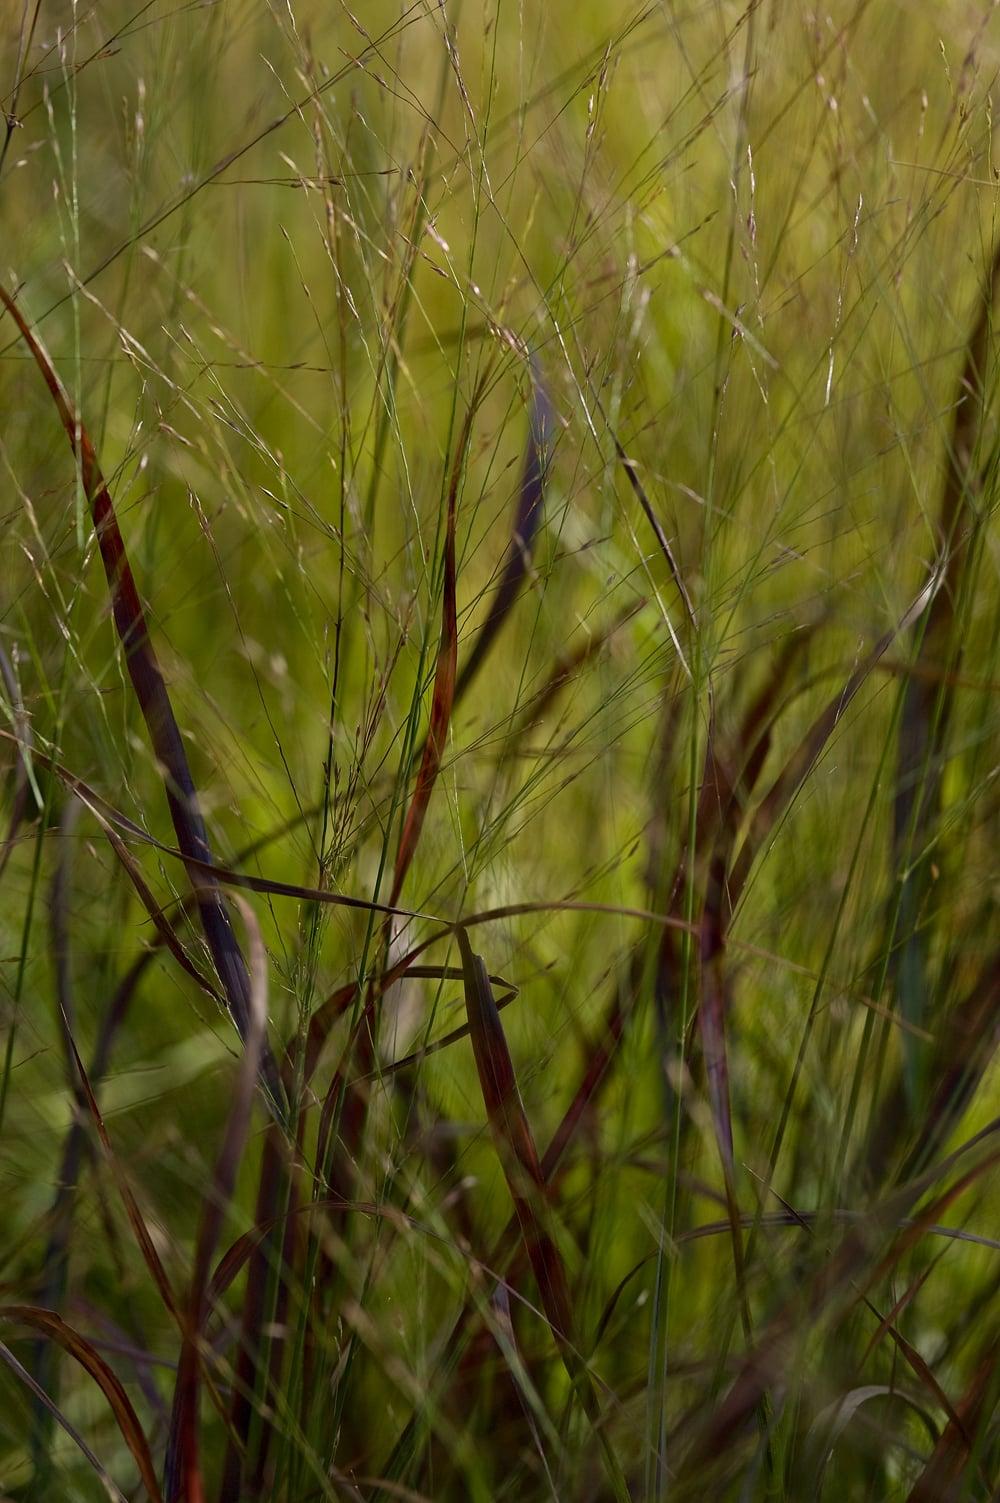 #36 Green/red grass 6